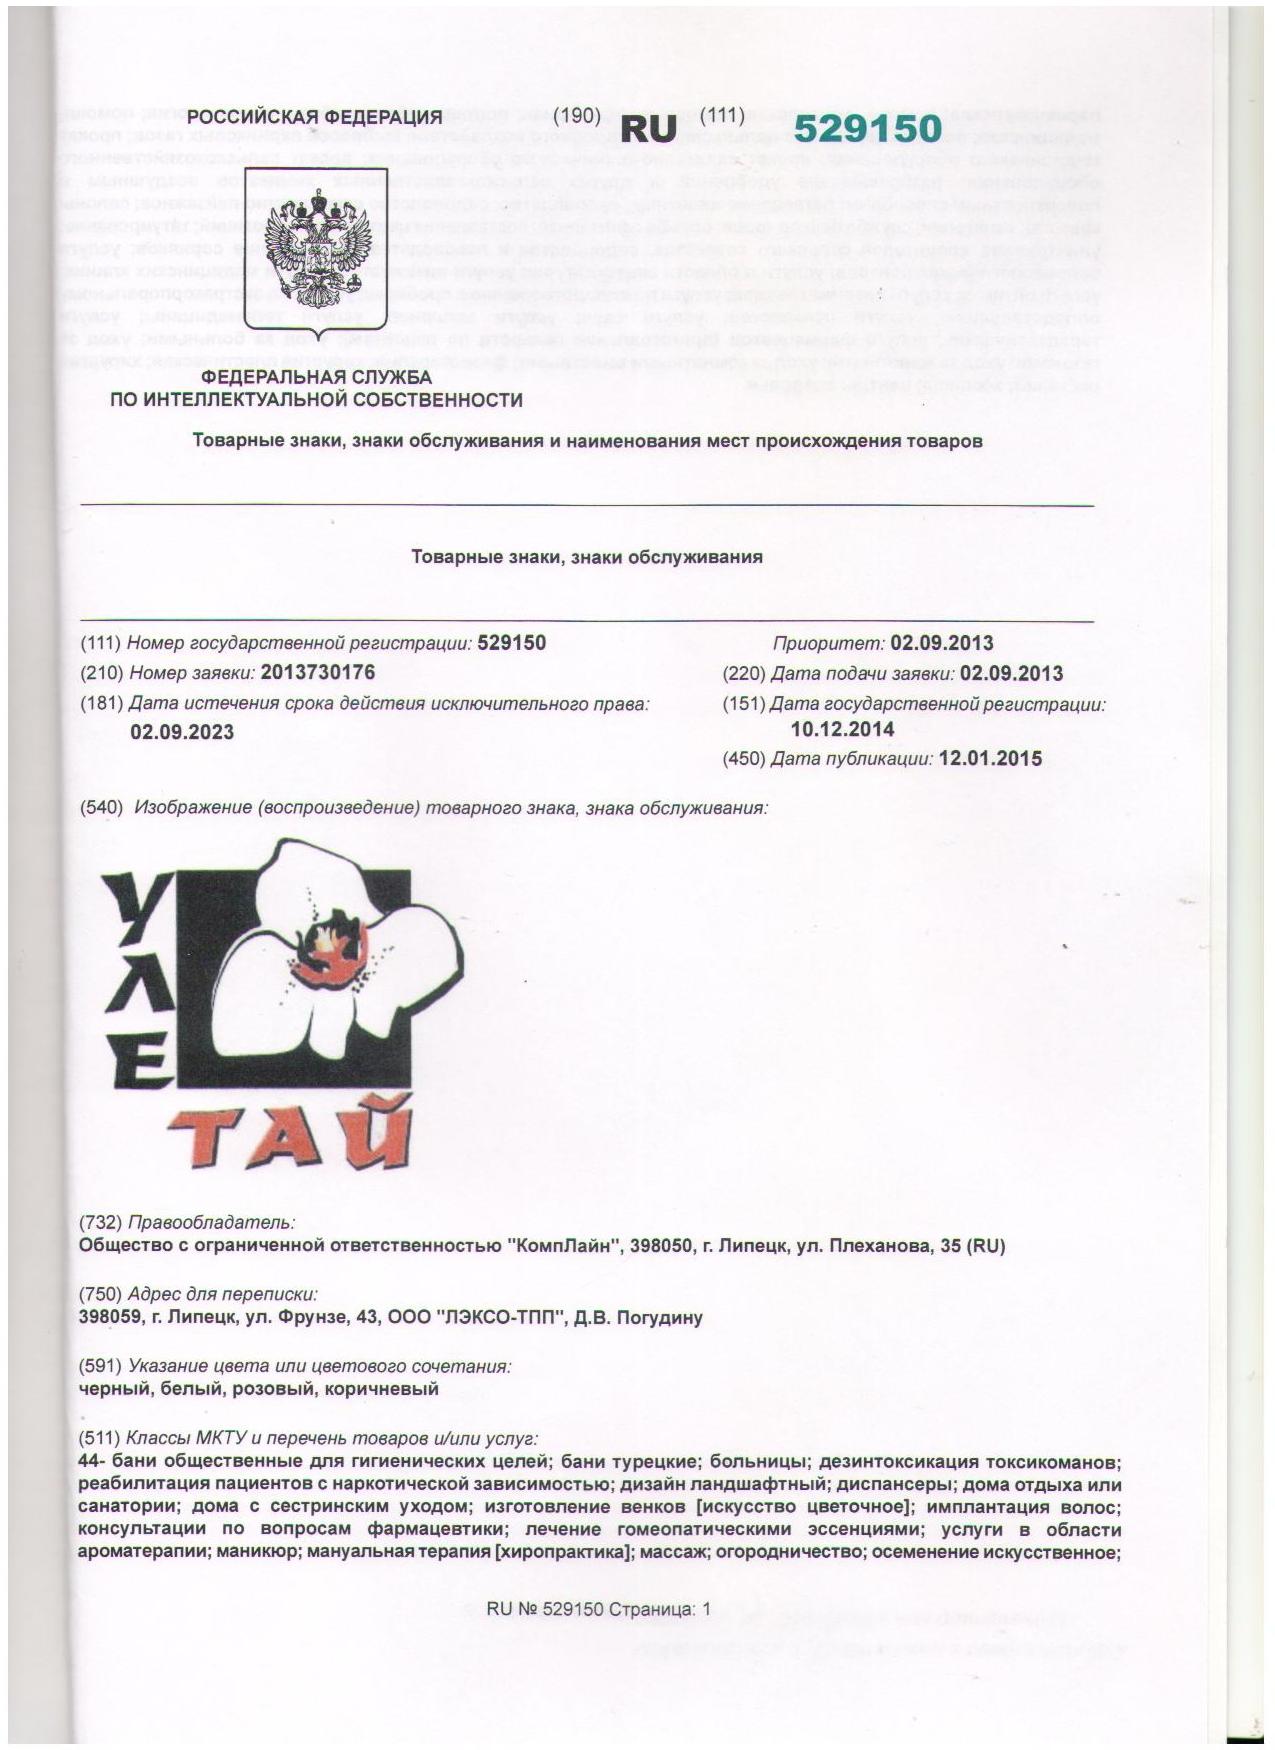 2. Компания зарегистрировала товарный знак УЛЕ-ТАЙ. Данный факт подтверждает, что мы пришли на рынок ни на один год. Мы готовы развиваться, учиться и оказывать помощь др. компаниям.